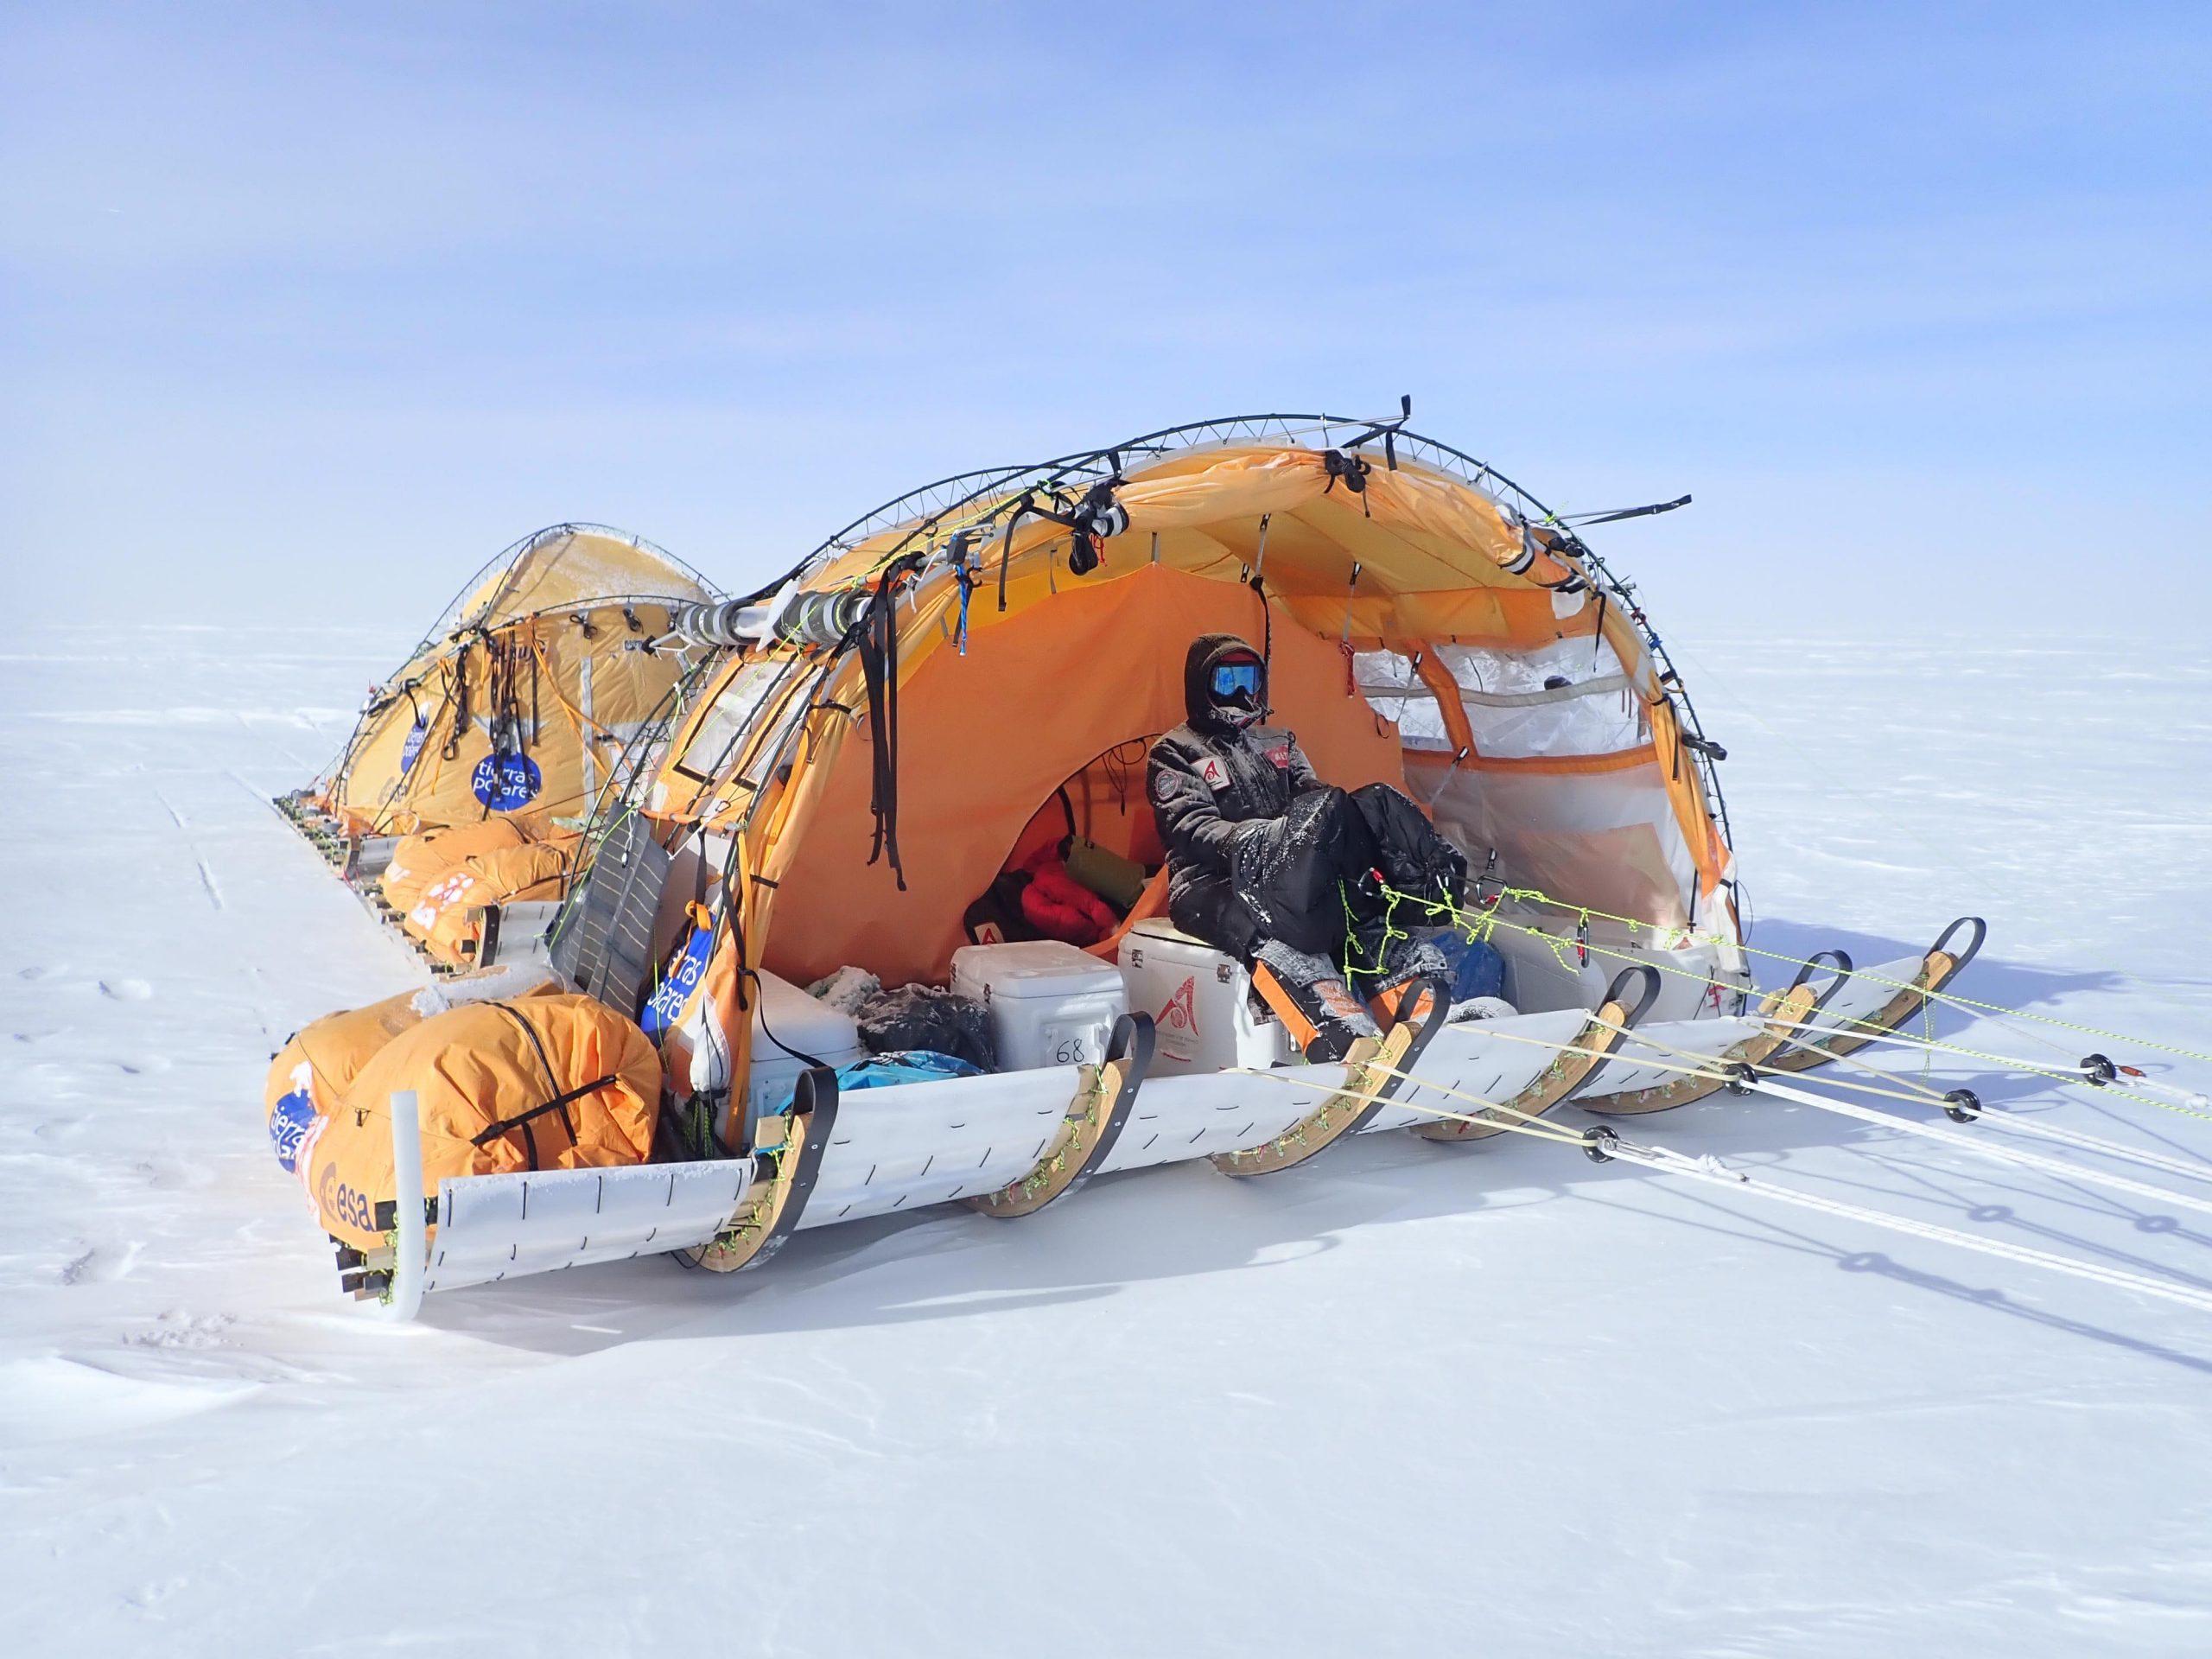 Abb. 16 Nur die Kräfte der Natur nützend reist das Team des Spaniers Ramon Larramendi mit seinen Segelschlitten relativ bequem tausende Kilometer durch die Antarktis. Foto: Ramón Larramendi 2018